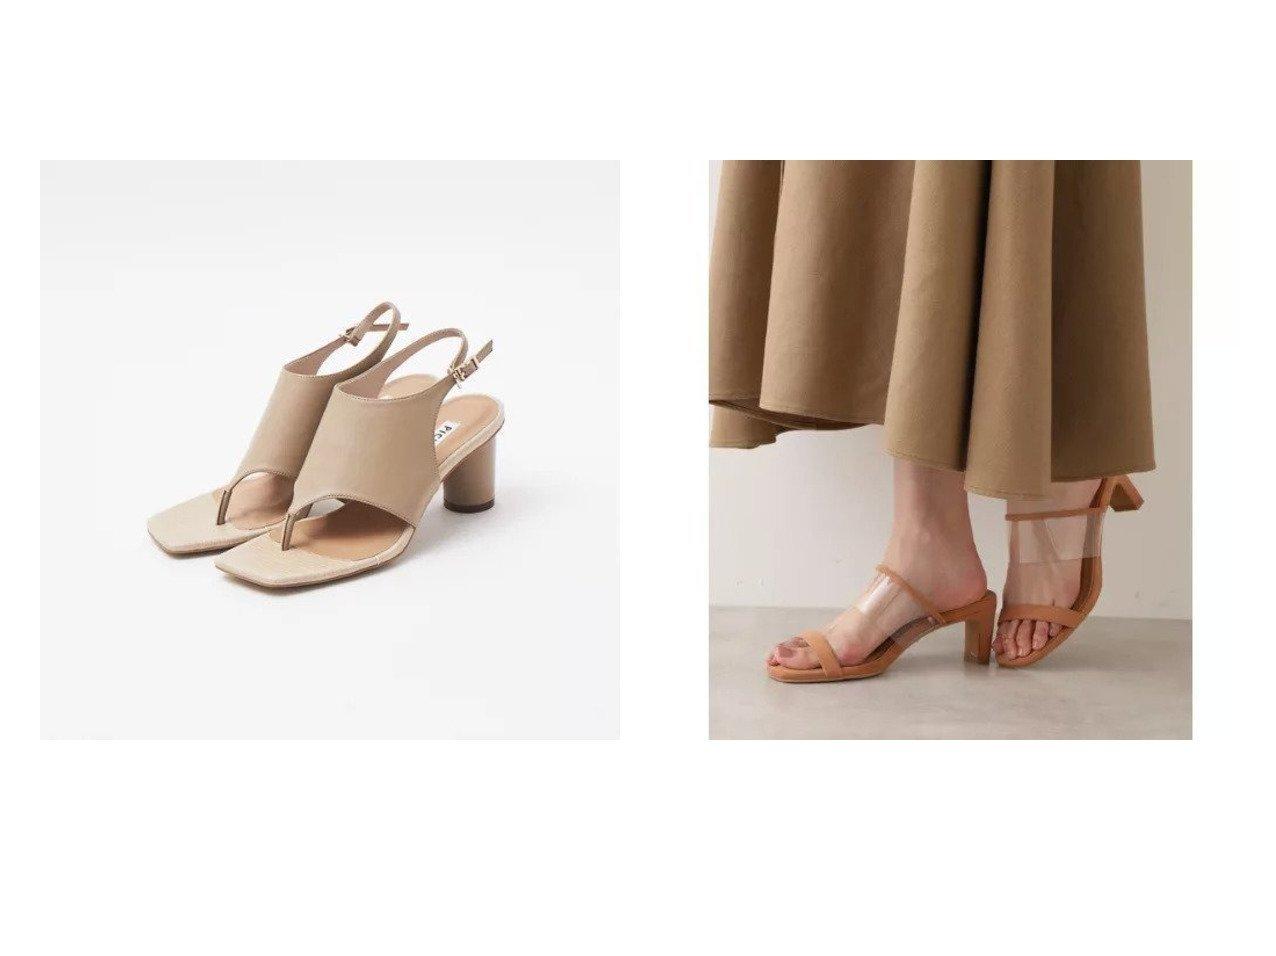 【NATURAL BEAUTY BASIC/ナチュラル ビューティー ベーシック】のツインバークリアーミュール&【Piche Abahouse/ピシェ アバハウス】のカヴァード トングサンダル 【シューズ・靴】おすすめ!人気トレンド・レディースファッションの通販  おすすめで人気の流行・トレンド、ファッションの通販商品 メンズファッション・キッズファッション・インテリア・家具・レディースファッション・服の通販 founy(ファニー) https://founy.com/ ファッション Fashion レディースファッション WOMEN ケミカル サンダル シューズ スウェード ラップ トレンド 人気 |ID:crp329100000029624